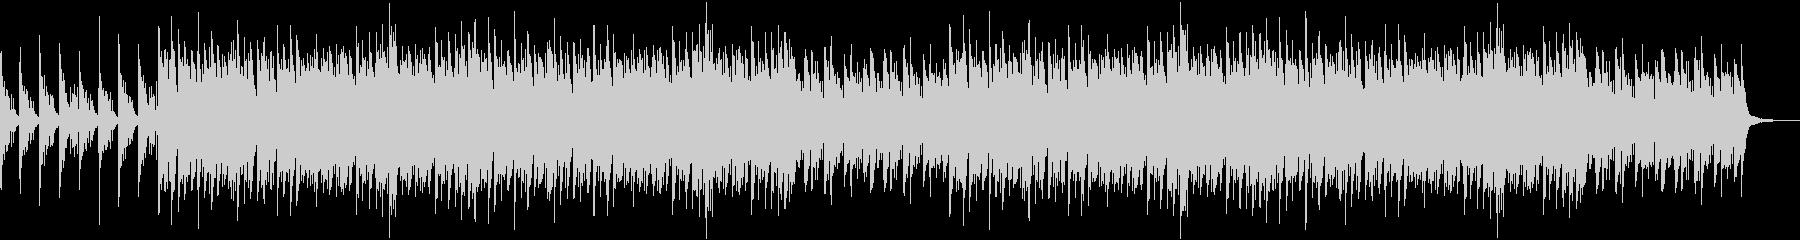 ピアノソロバージョンの未再生の波形